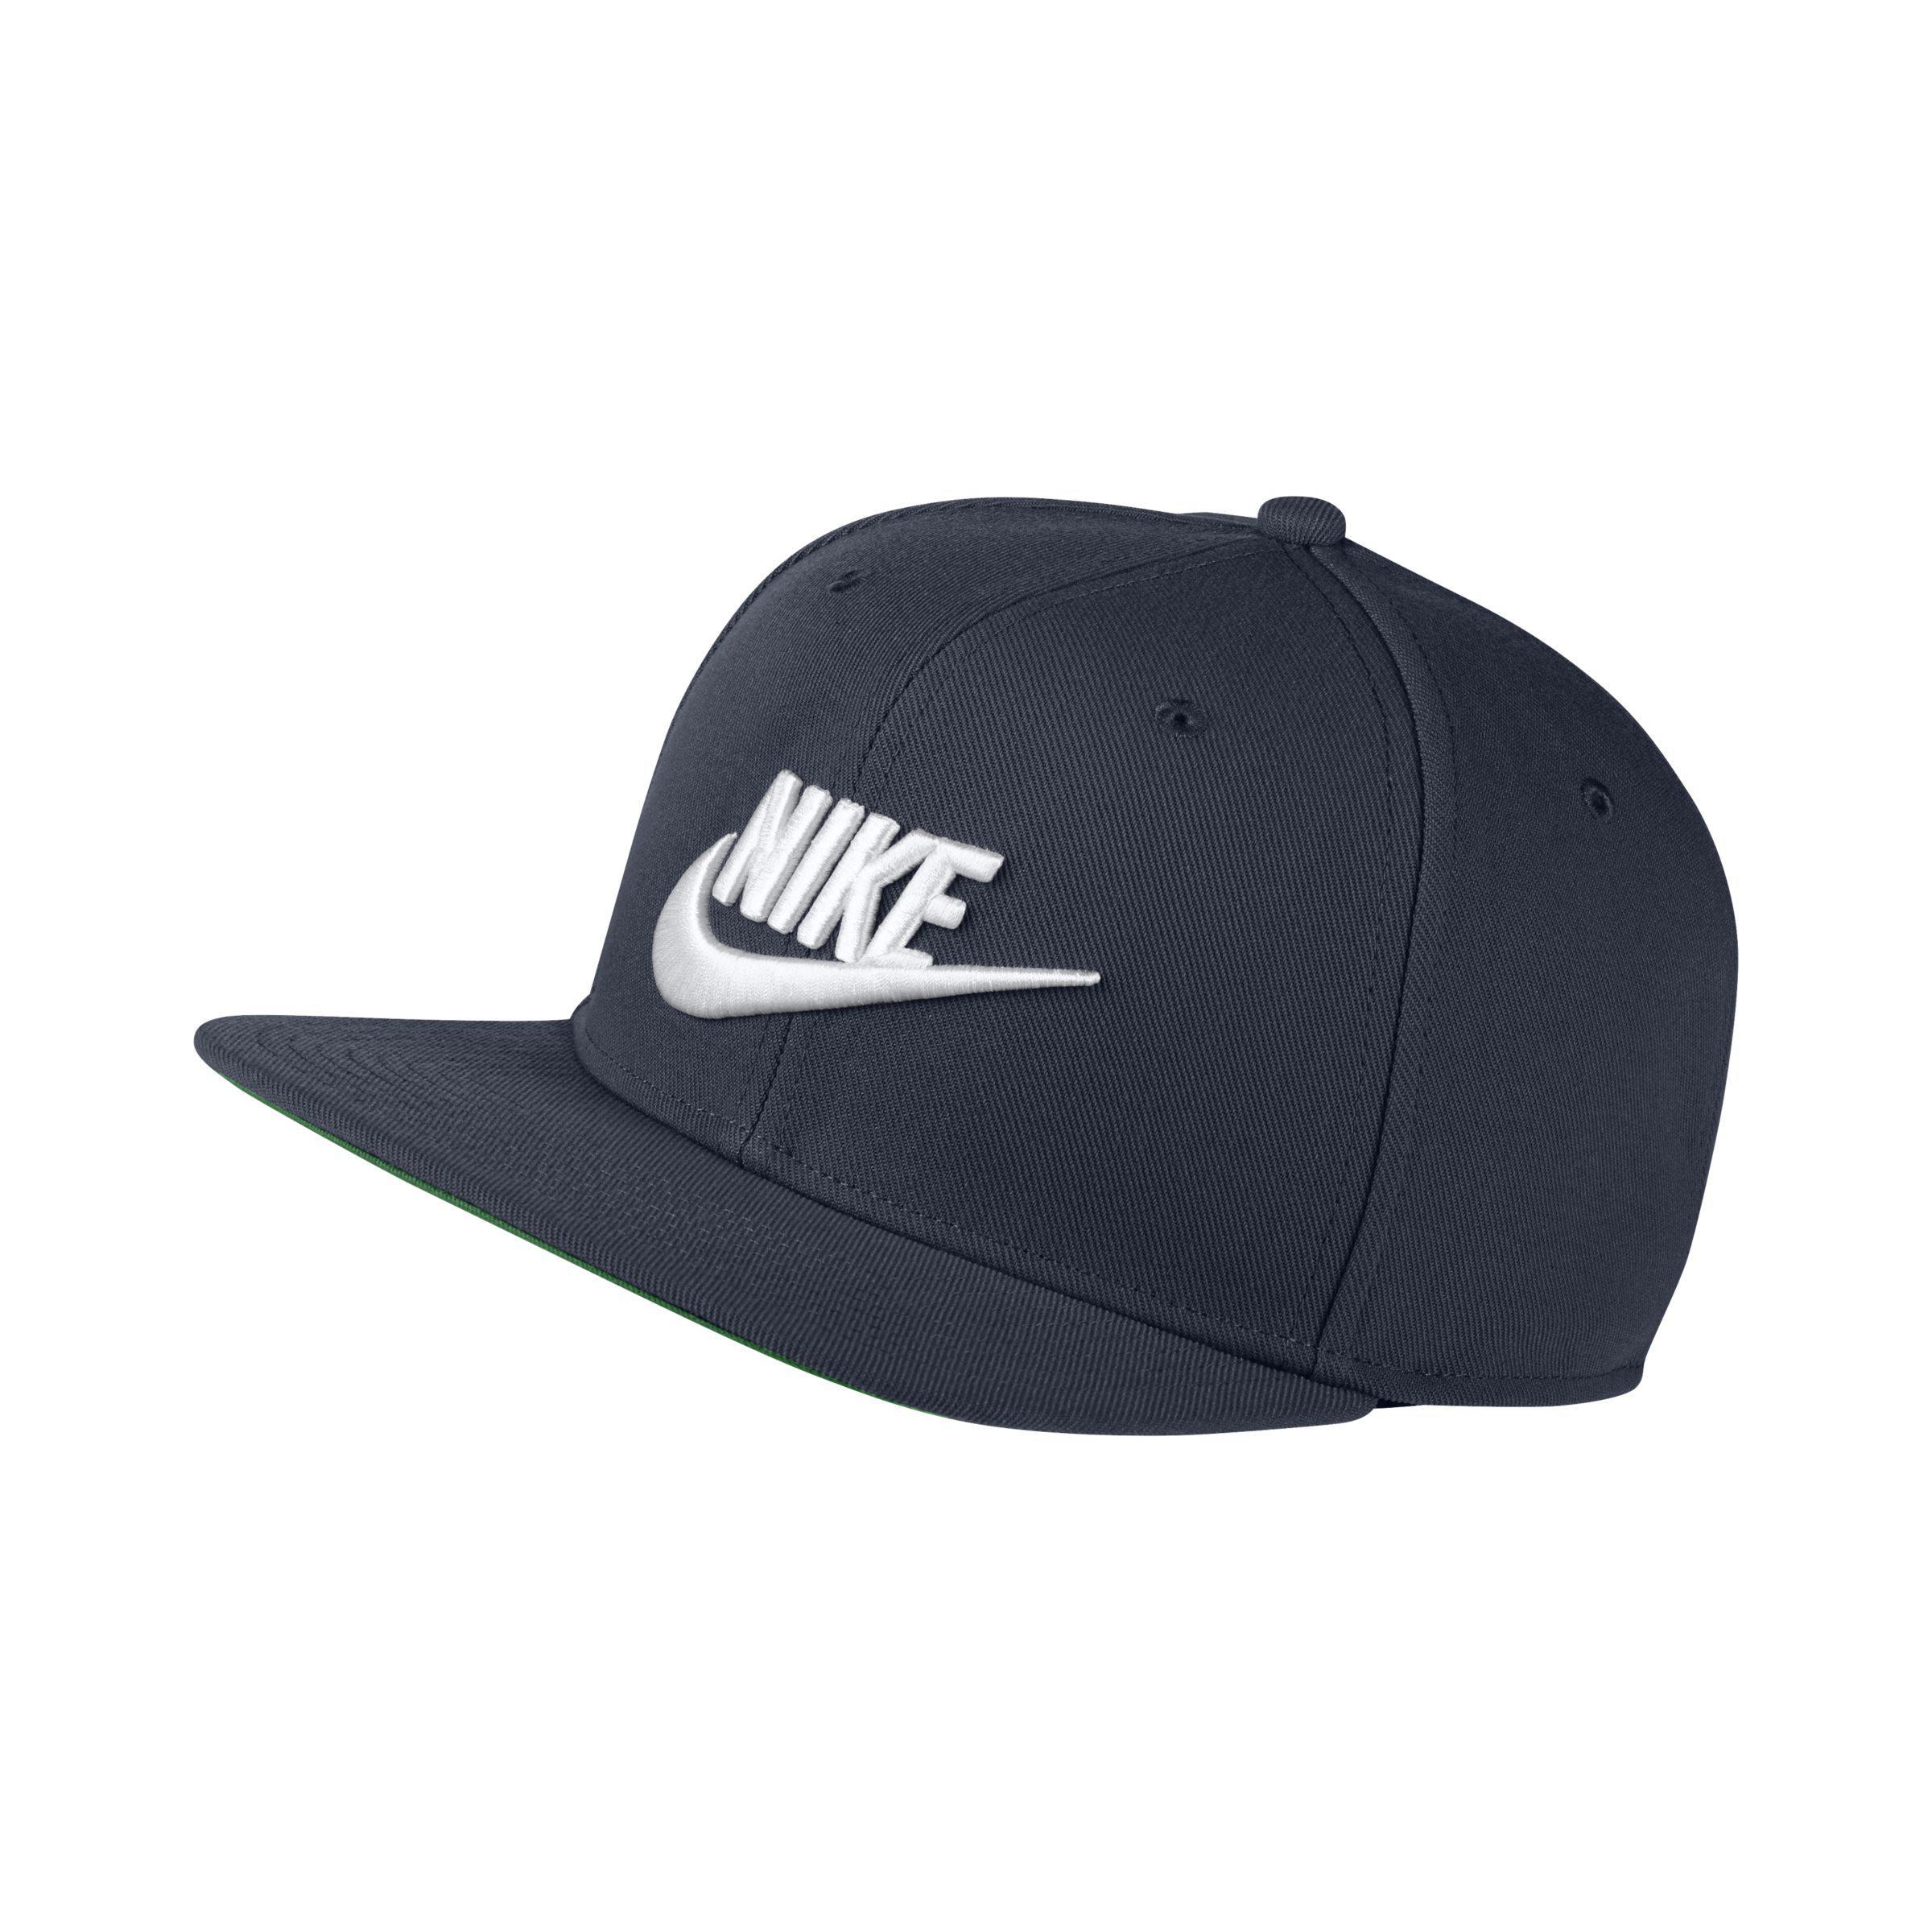 Nike Sportswear Pro Adjustable Hat in Blue - Lyst 72f1d099995b